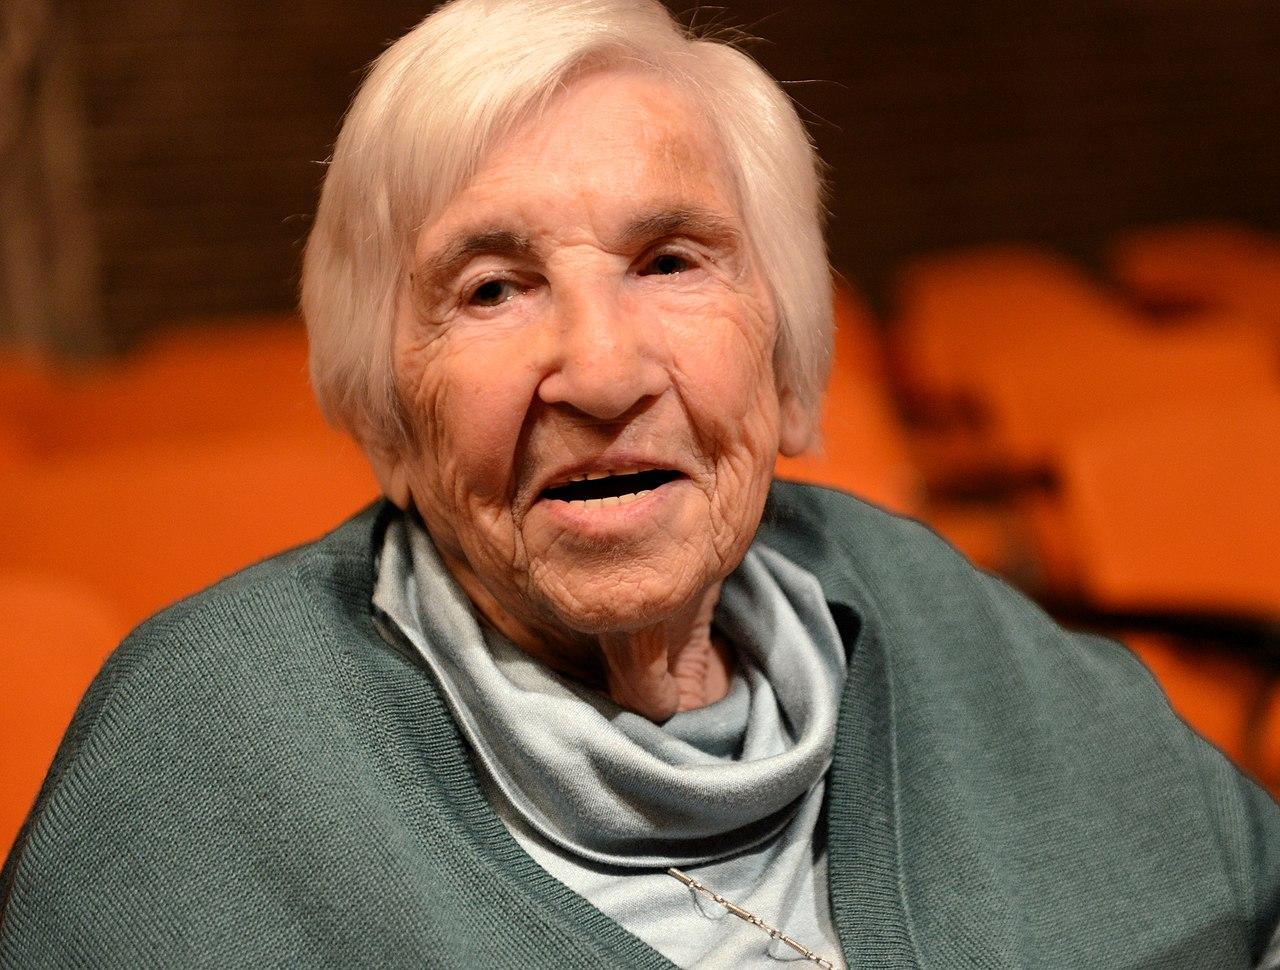 Esther Bejarano, 70 Joer Befreiung vum Faschismus-121.jpg